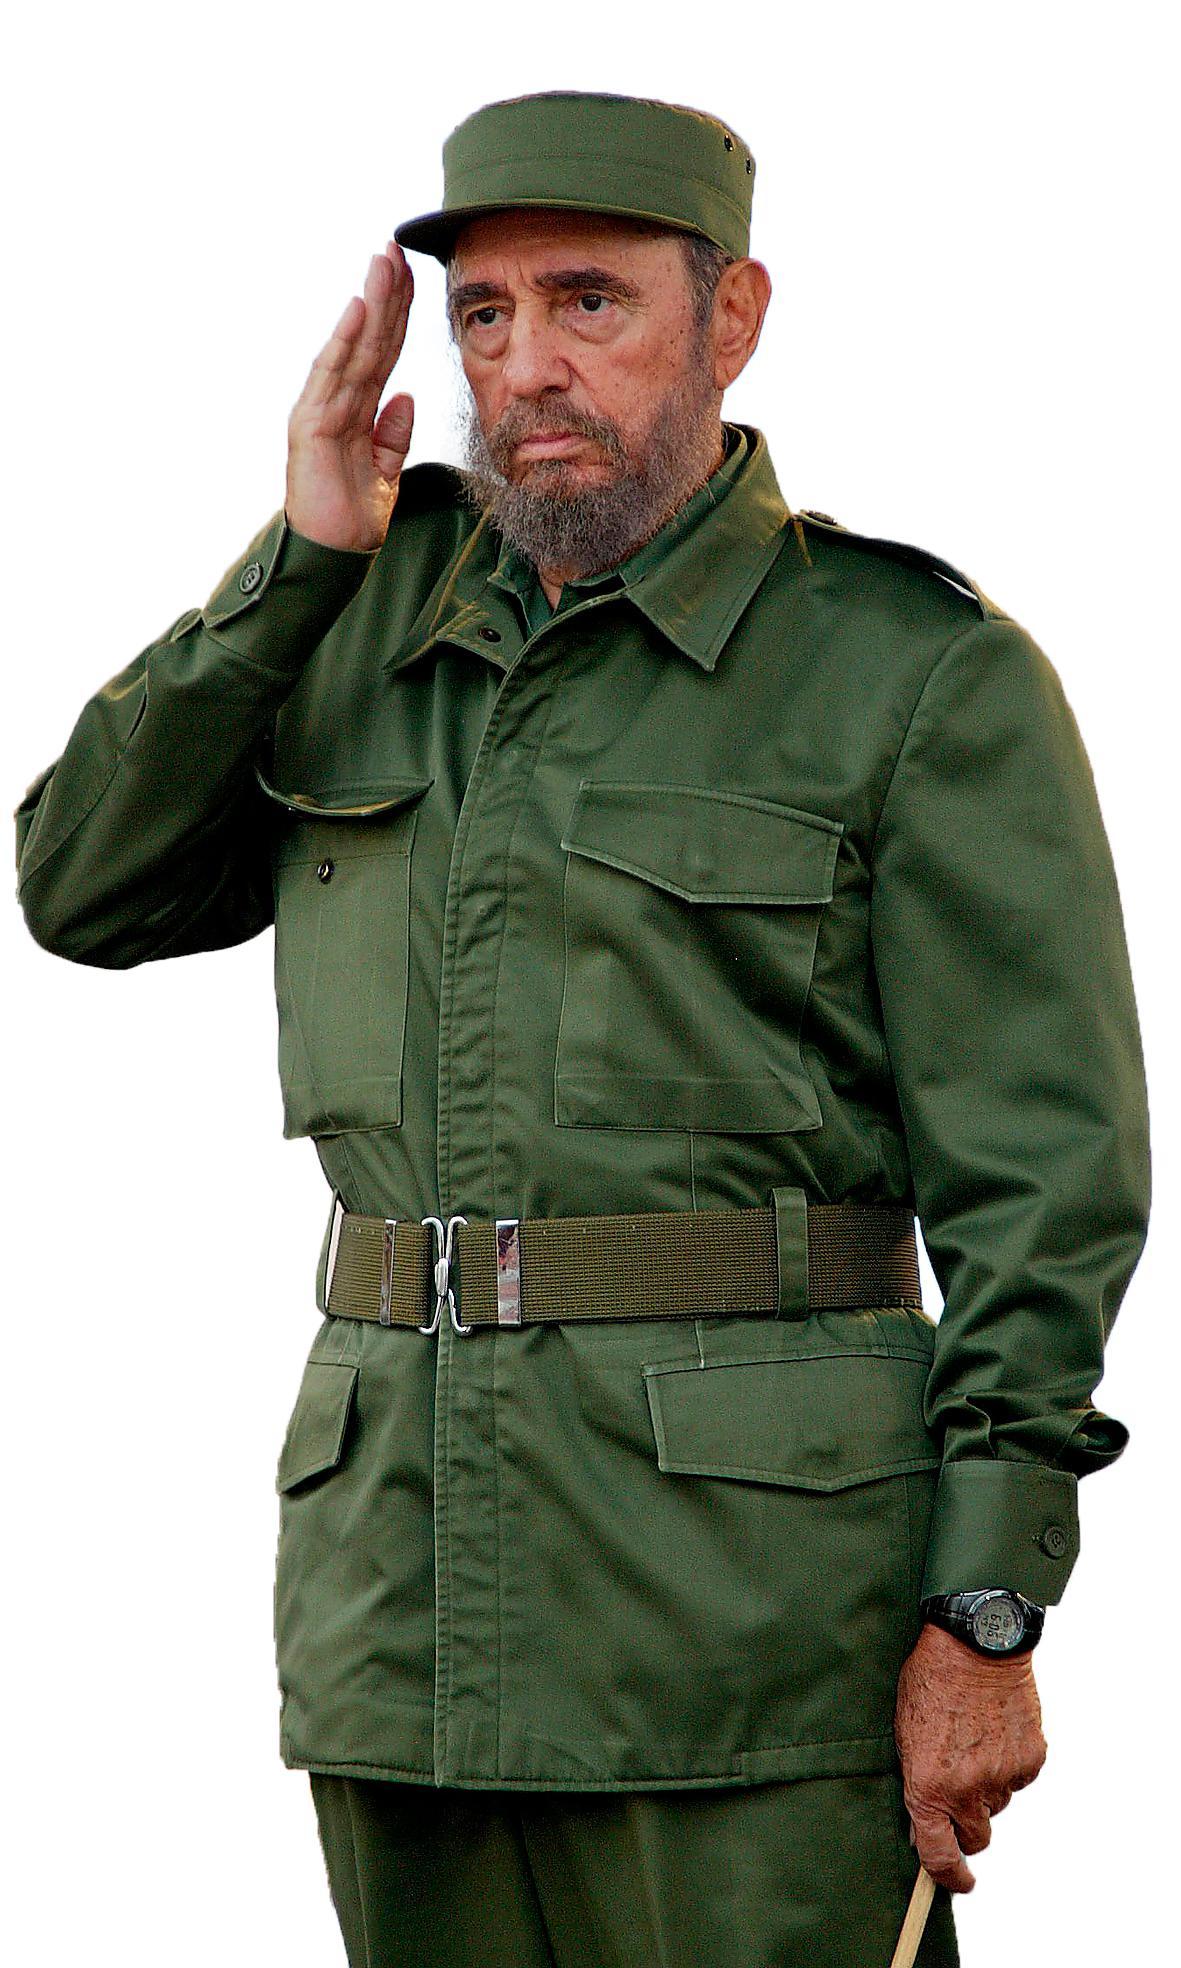 Kubas ikoniska ledare Fidel Castro avled i veckan, 90 år gammal.